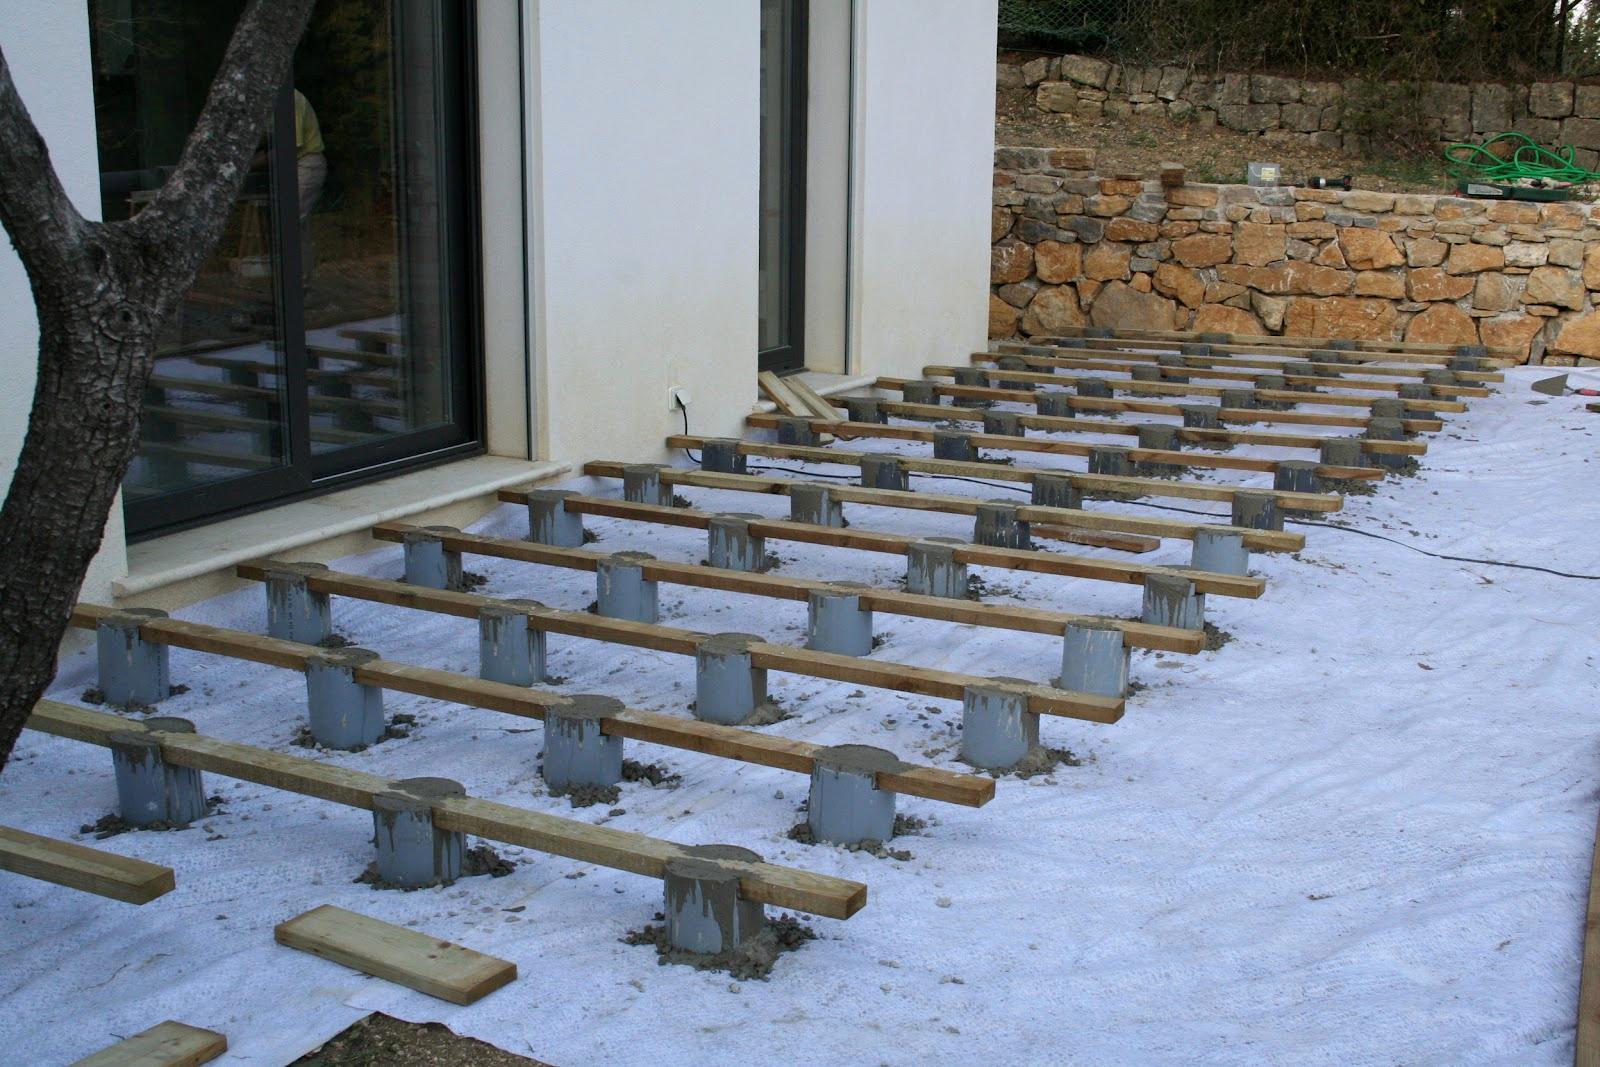 Meilleur Bois Pour Terrasse Vis De Fondation Castorama Le Meilleur Brico Depot Vis De Idees Conception Jardin Idees Conception Jardin